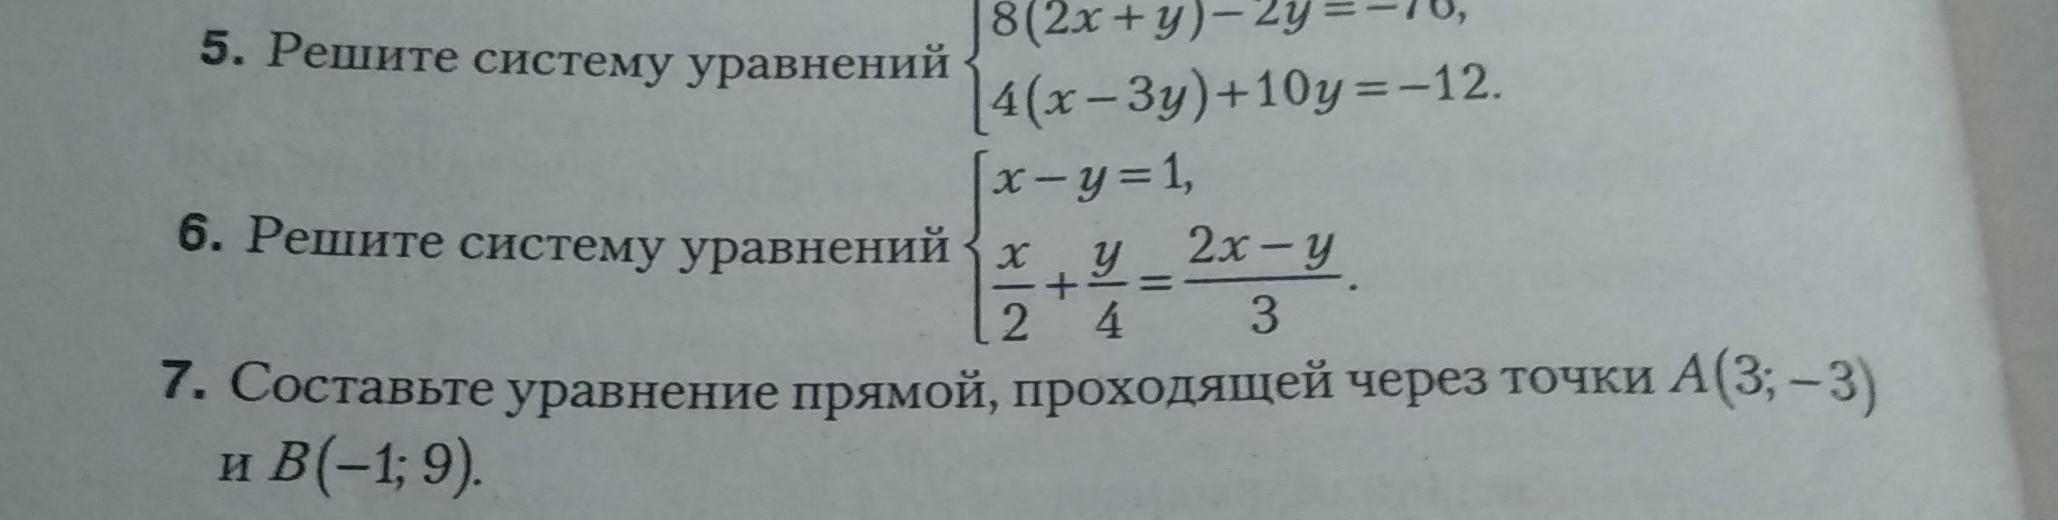 Алгебра, помогите пожалуйста с решением, задание